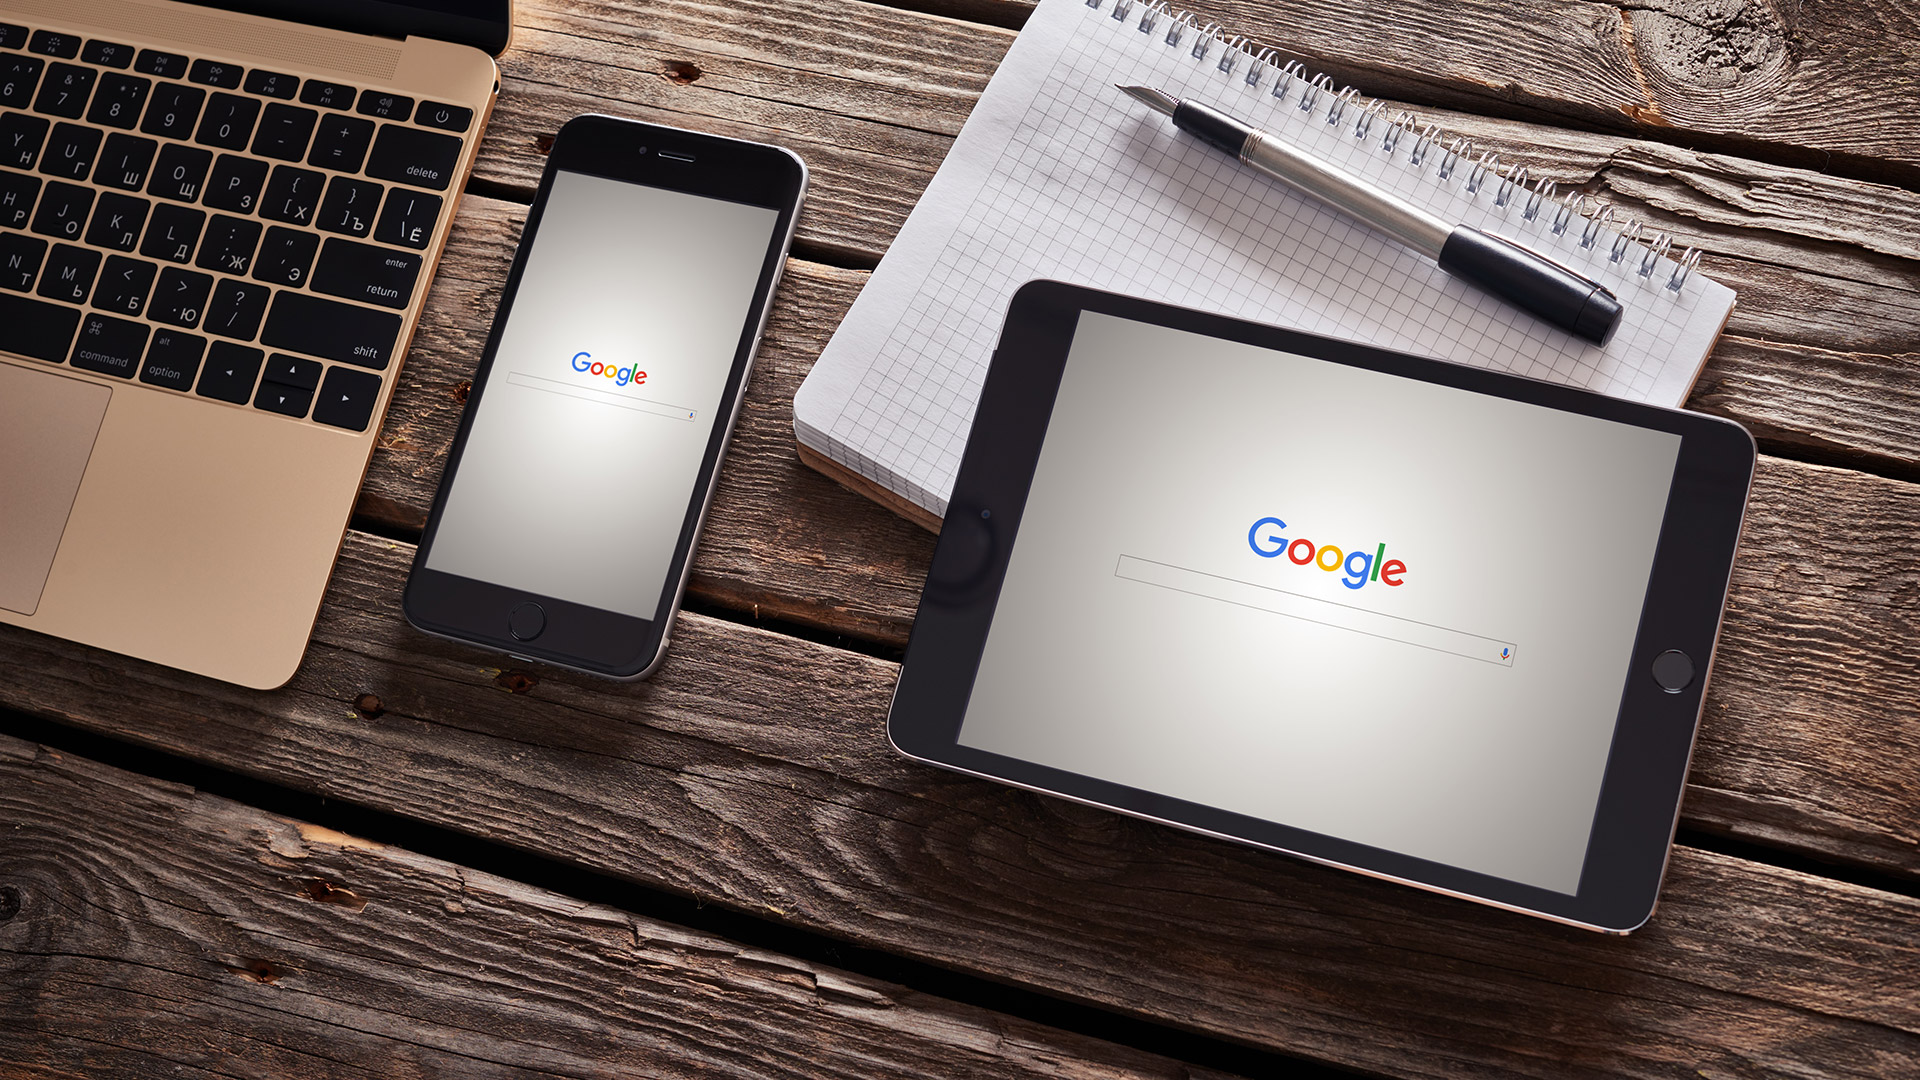 Chú ý: Gần 60% các tìm kiếm hiện nay là trên các thiết bị di động